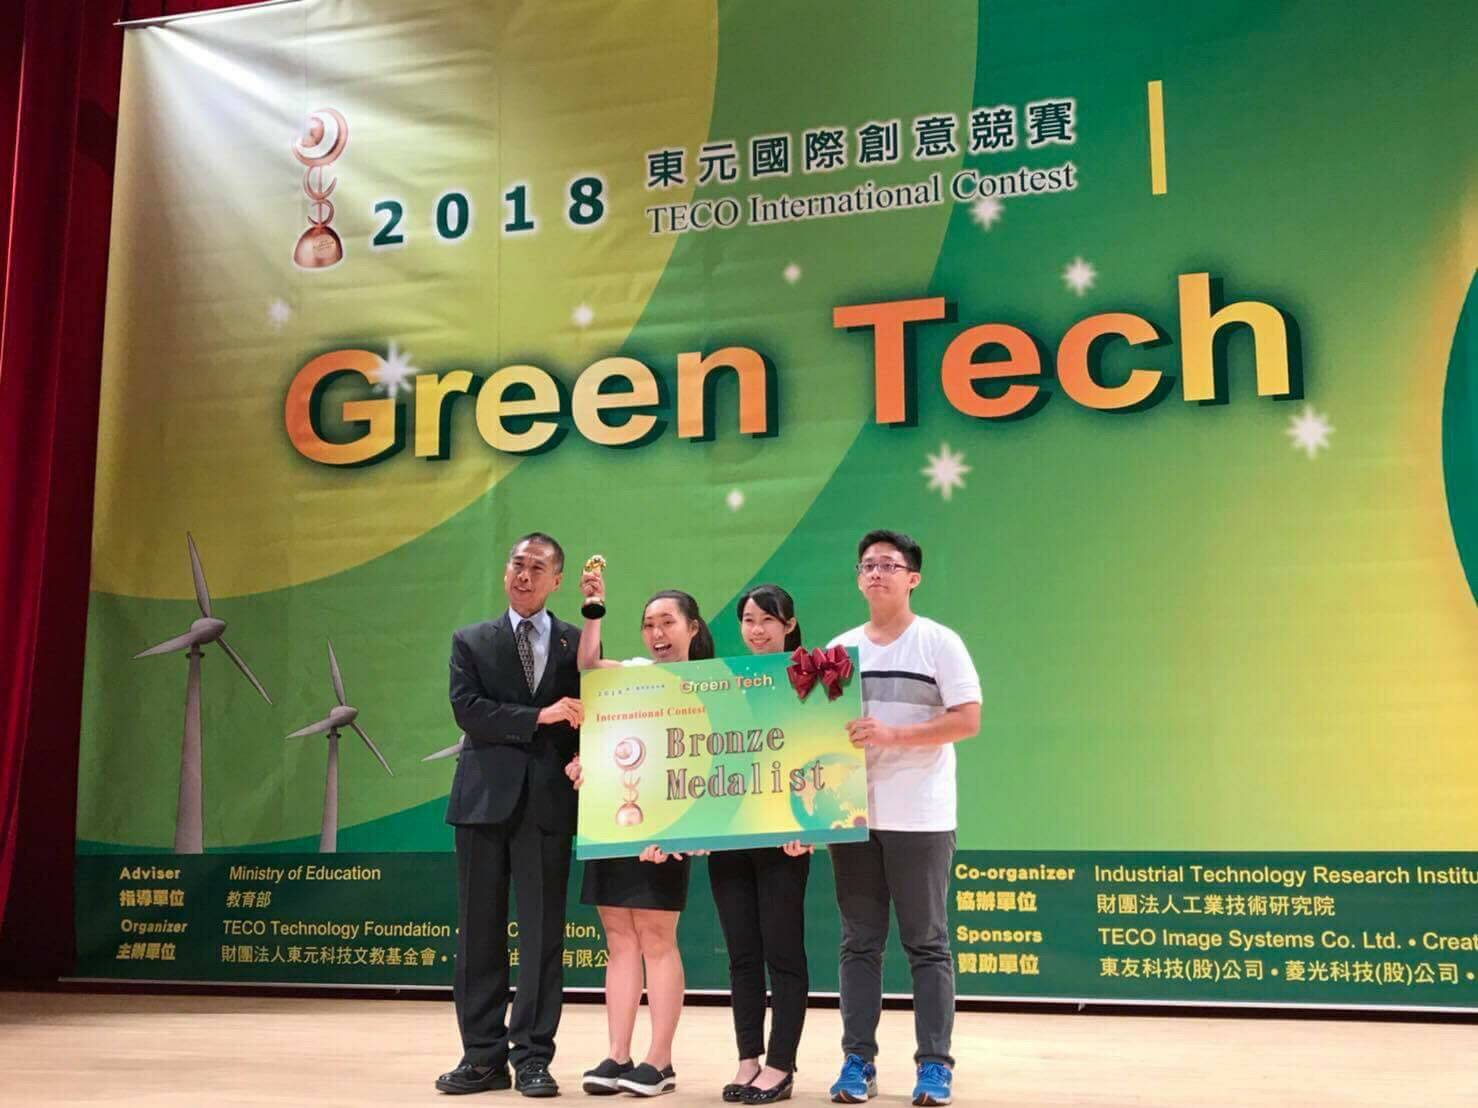 中原師生跨域合作展現創業能量  東元綠能創意國際賽唯一台灣獲獎隊伍